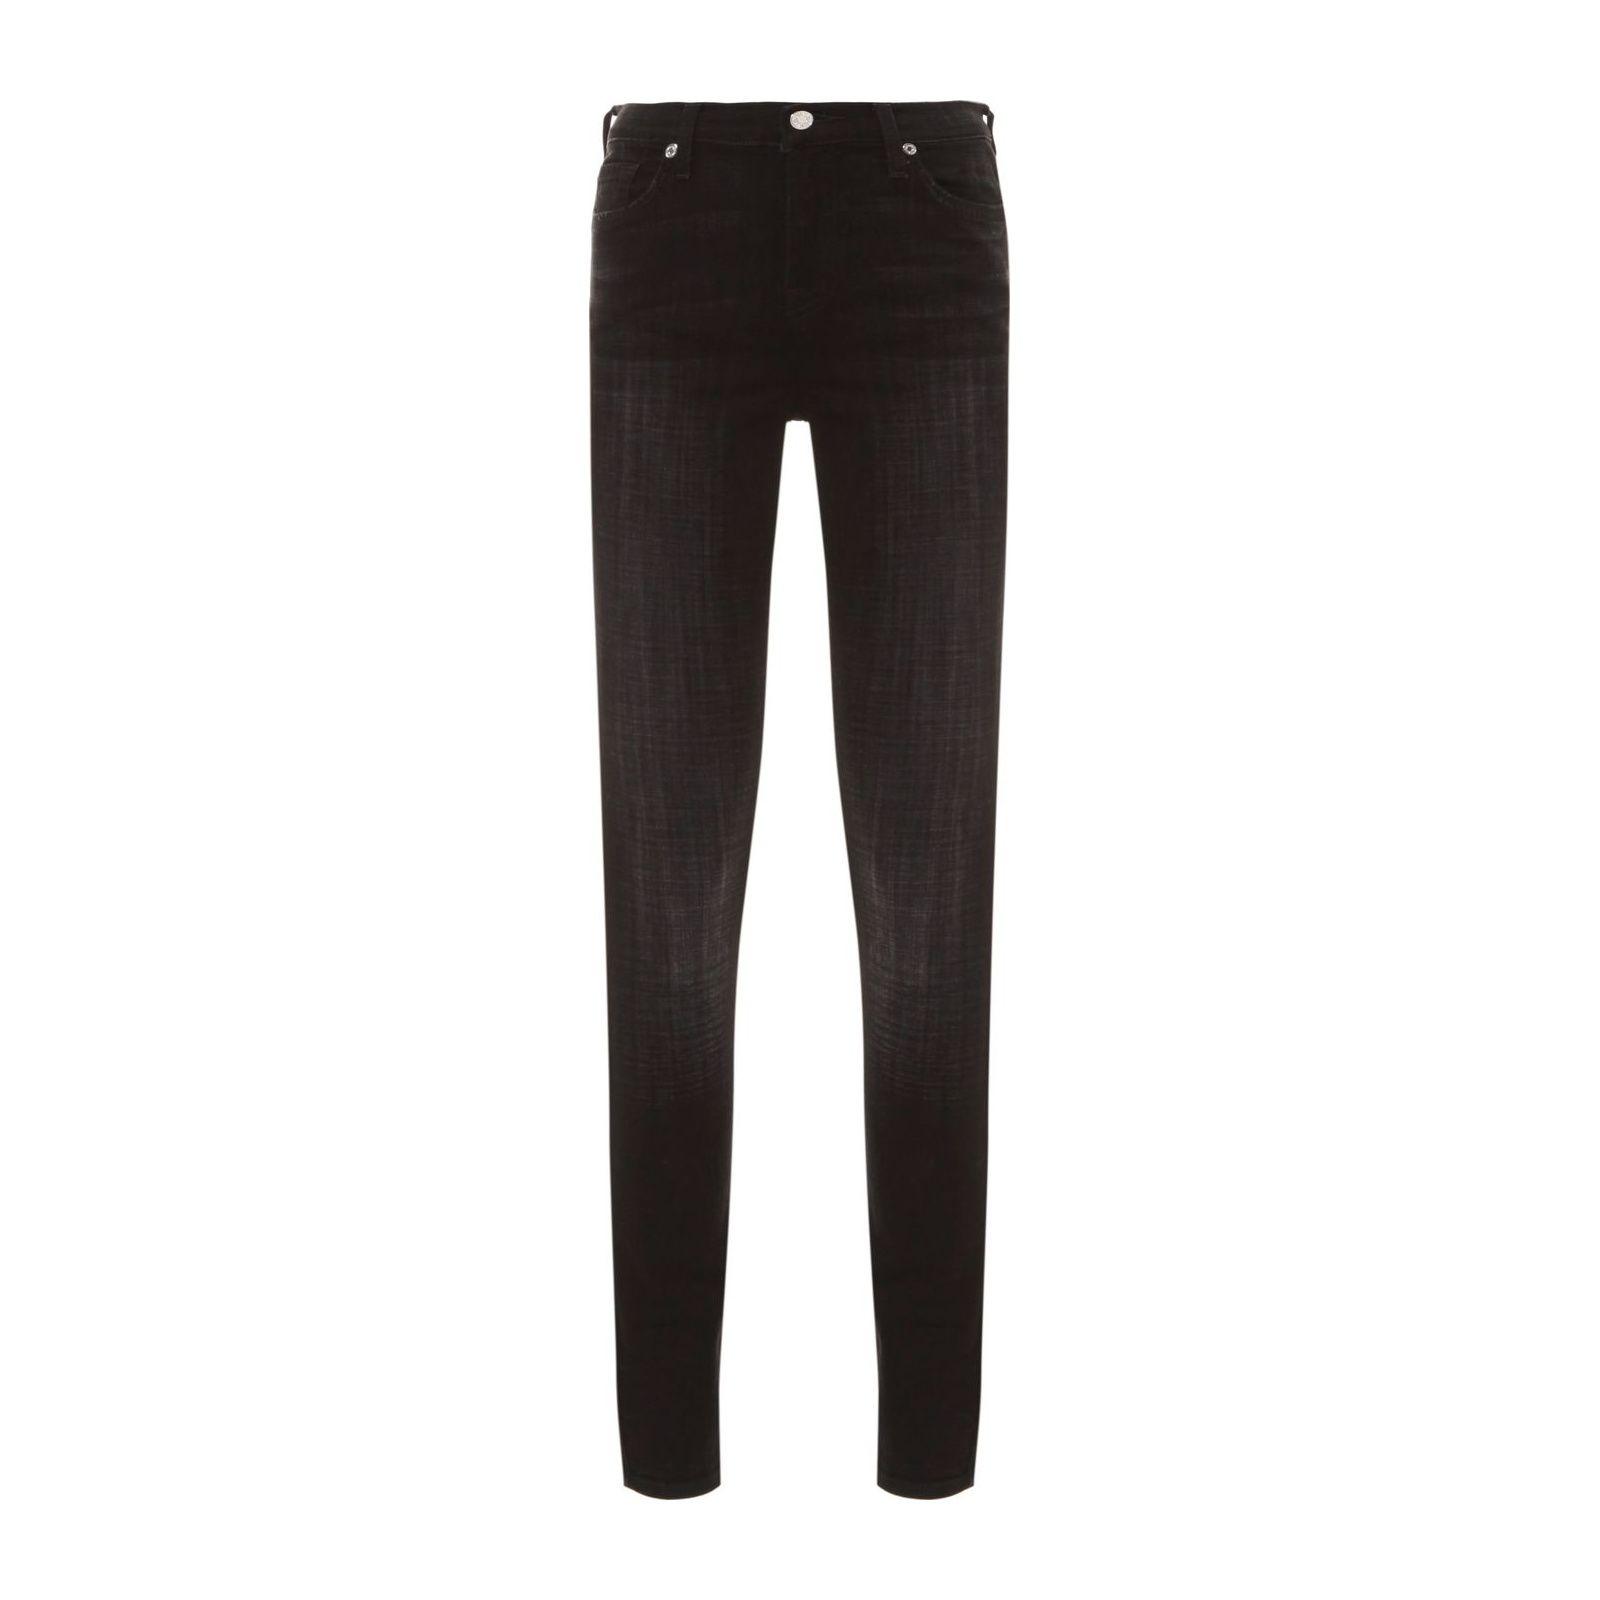 Calça Jeans The Ankle Skinny - Preto